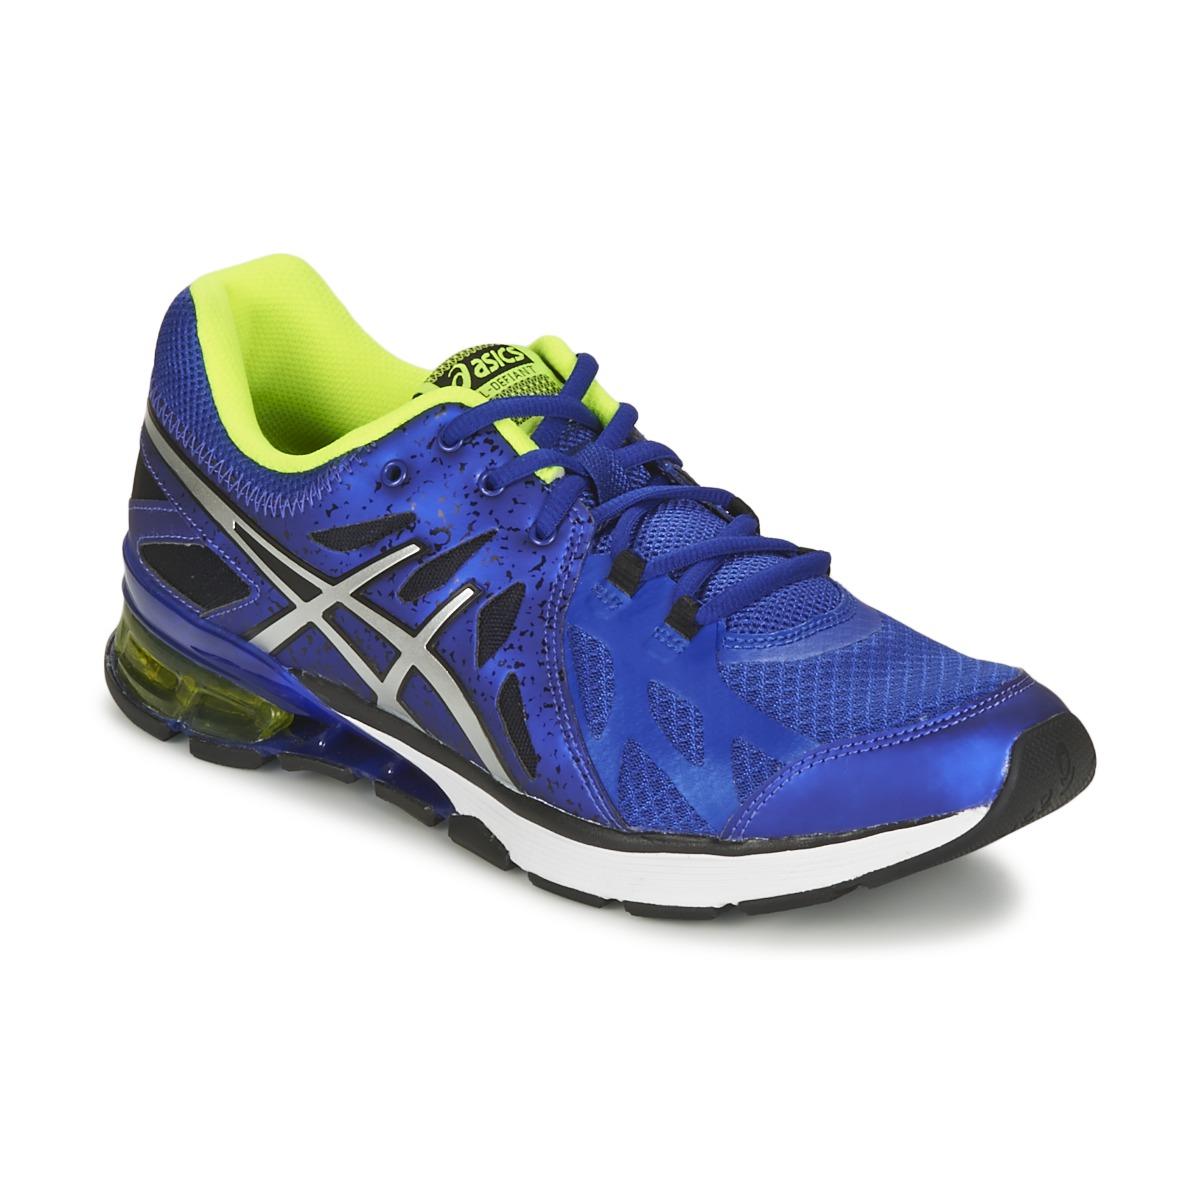 Fitness-kengät Asics GEL-DEFIANT Blue